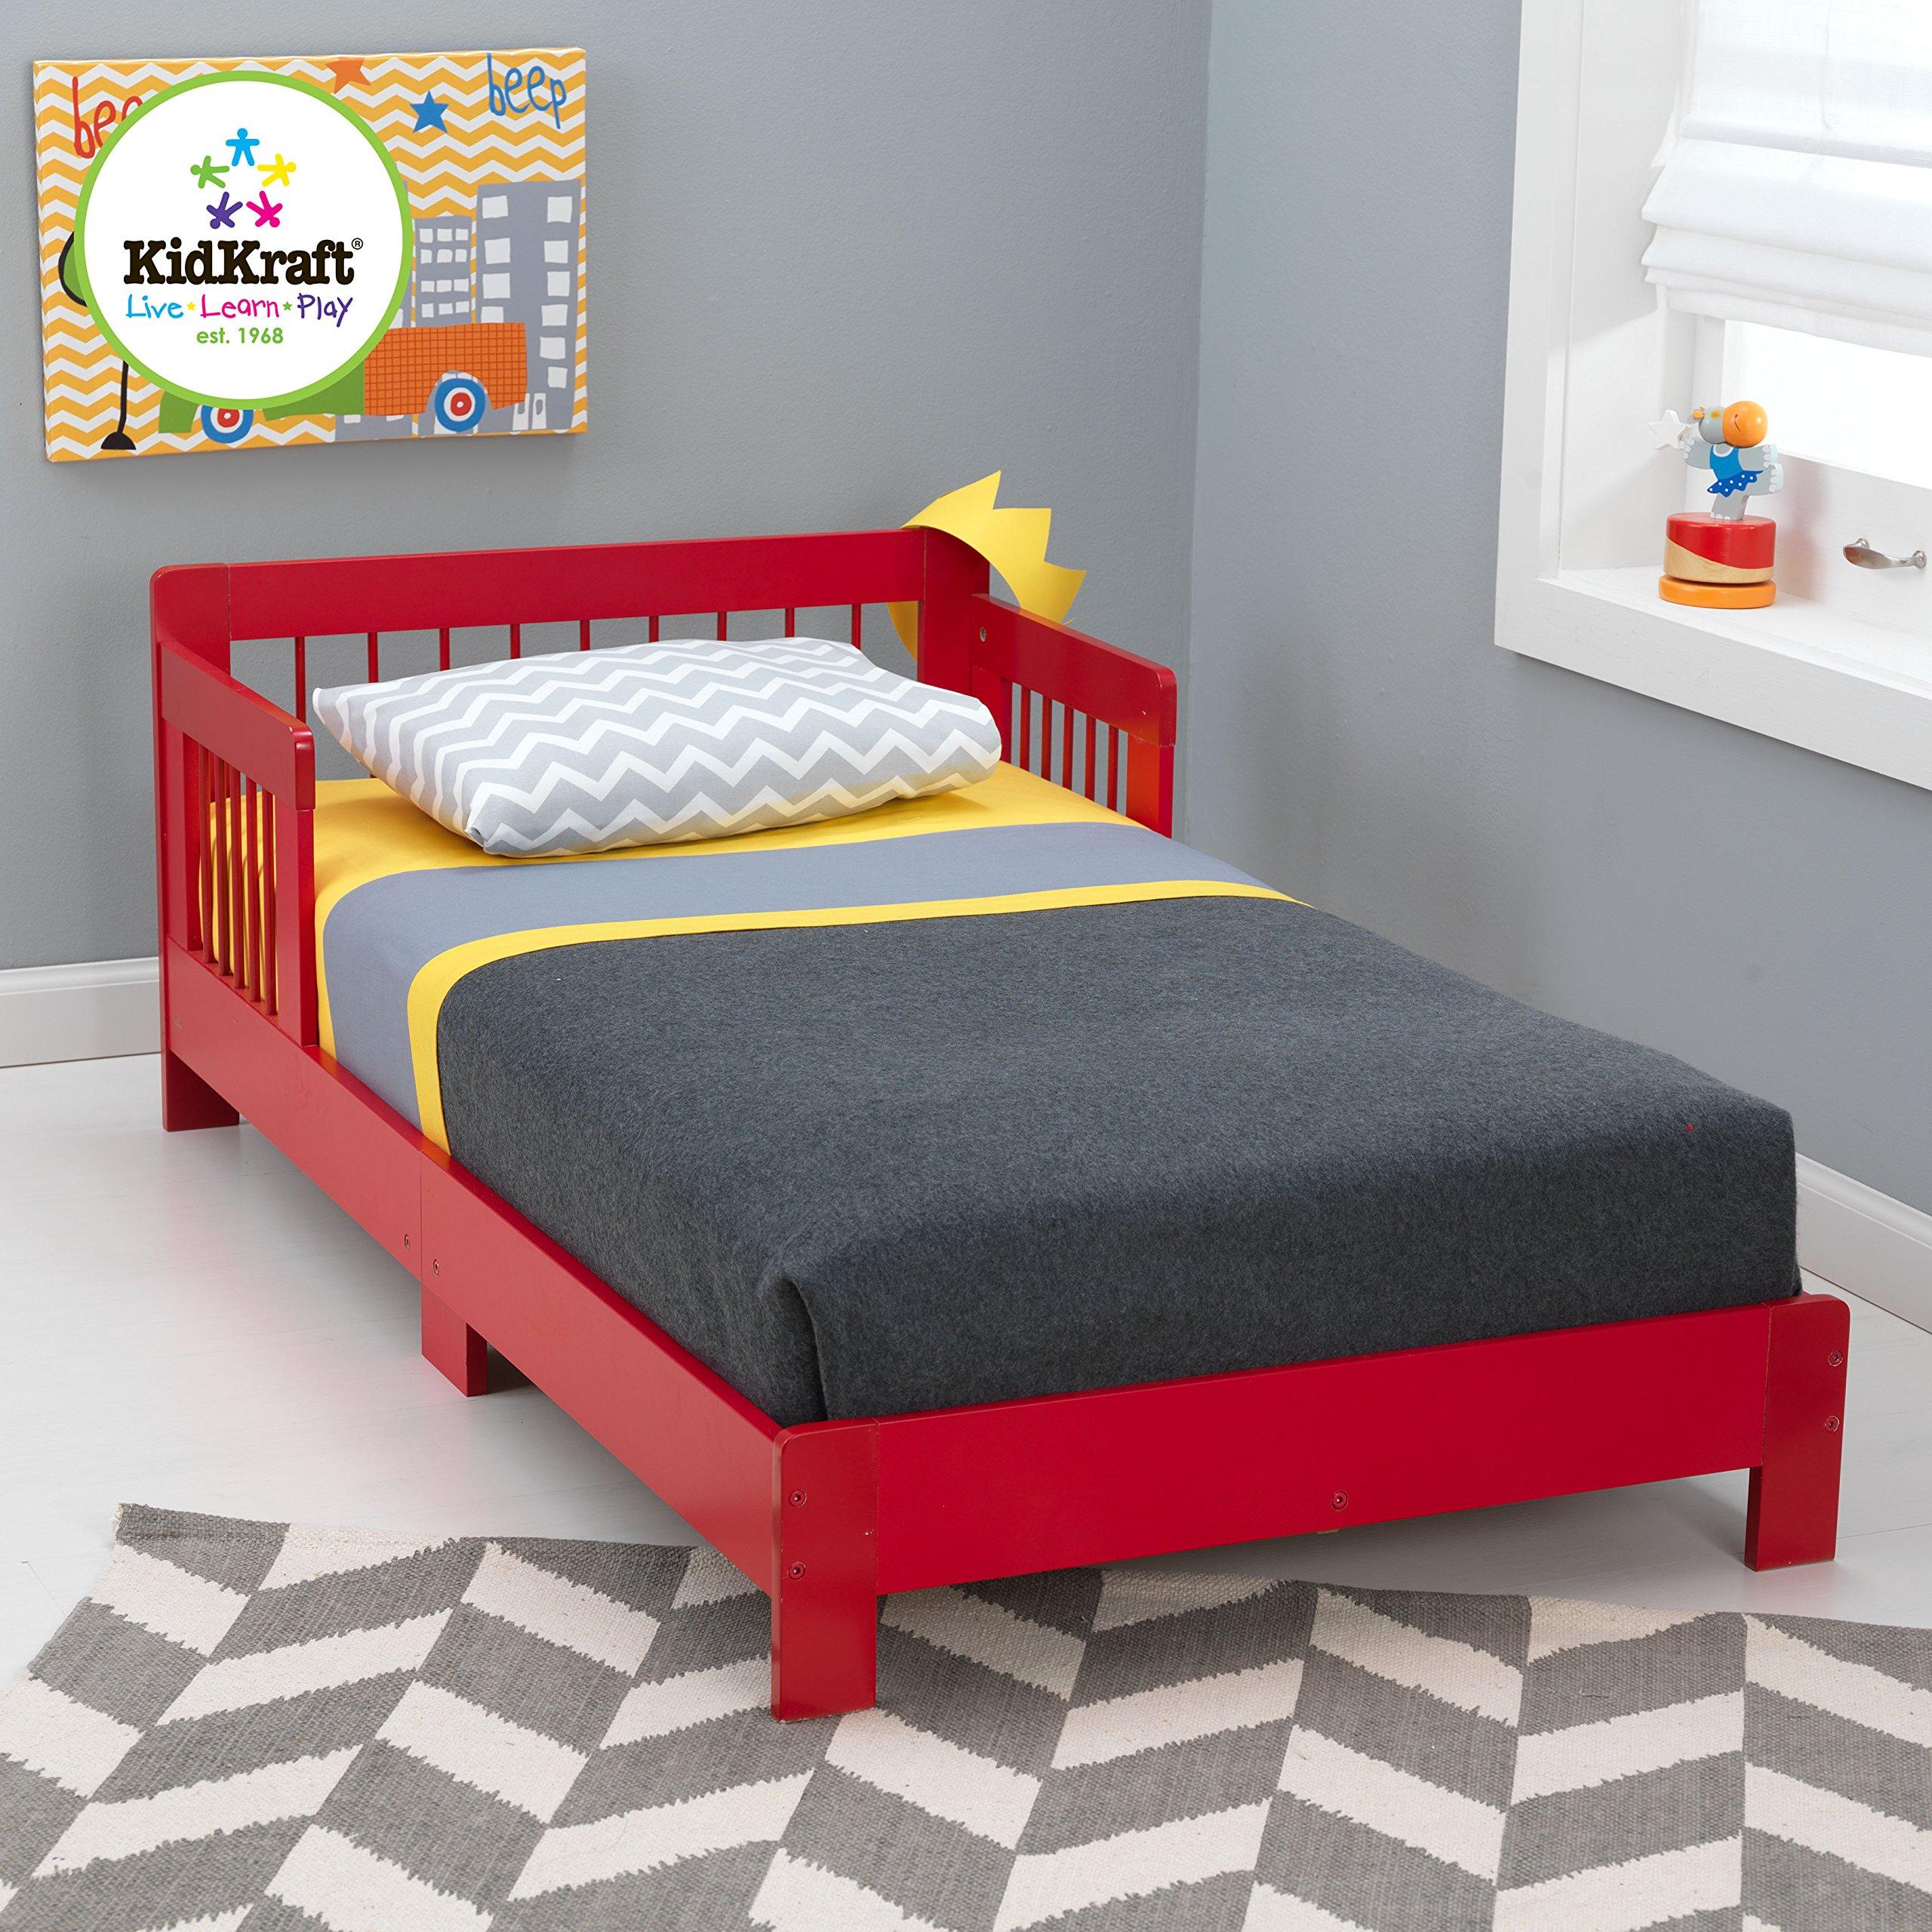 KidKraft Toddler Houston Bed, White by KidKraft